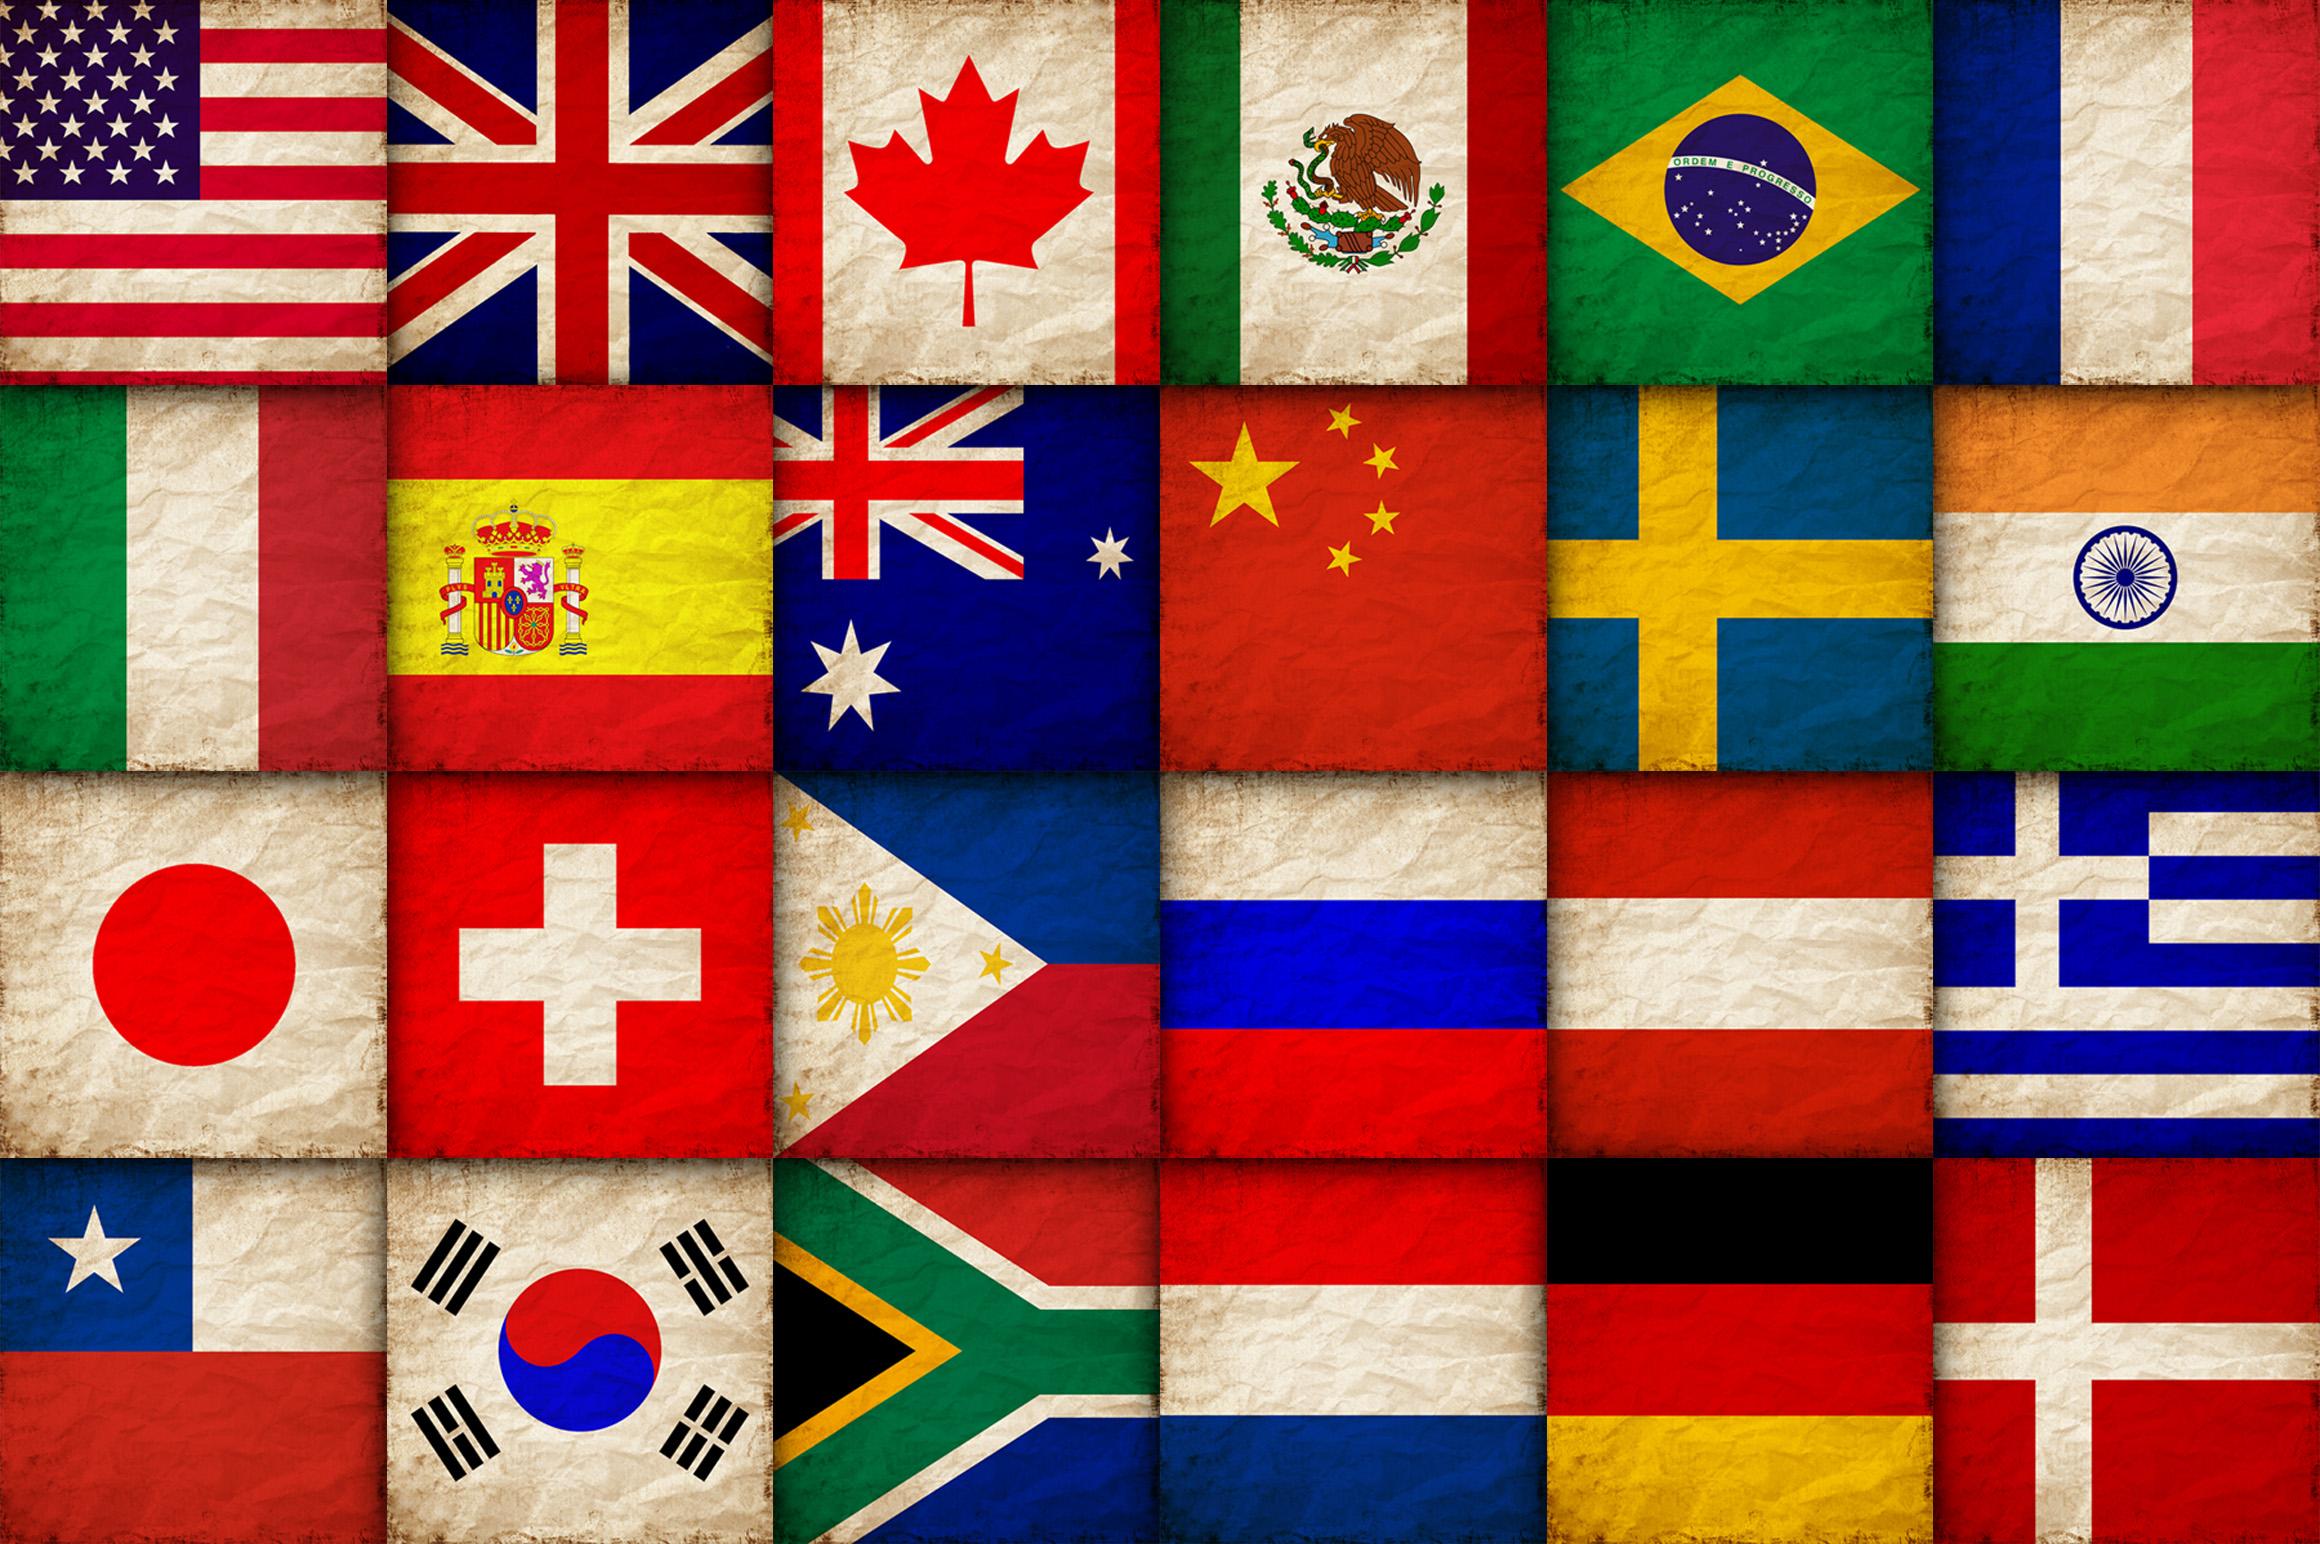 Паре, картинки флаги государств прикольные